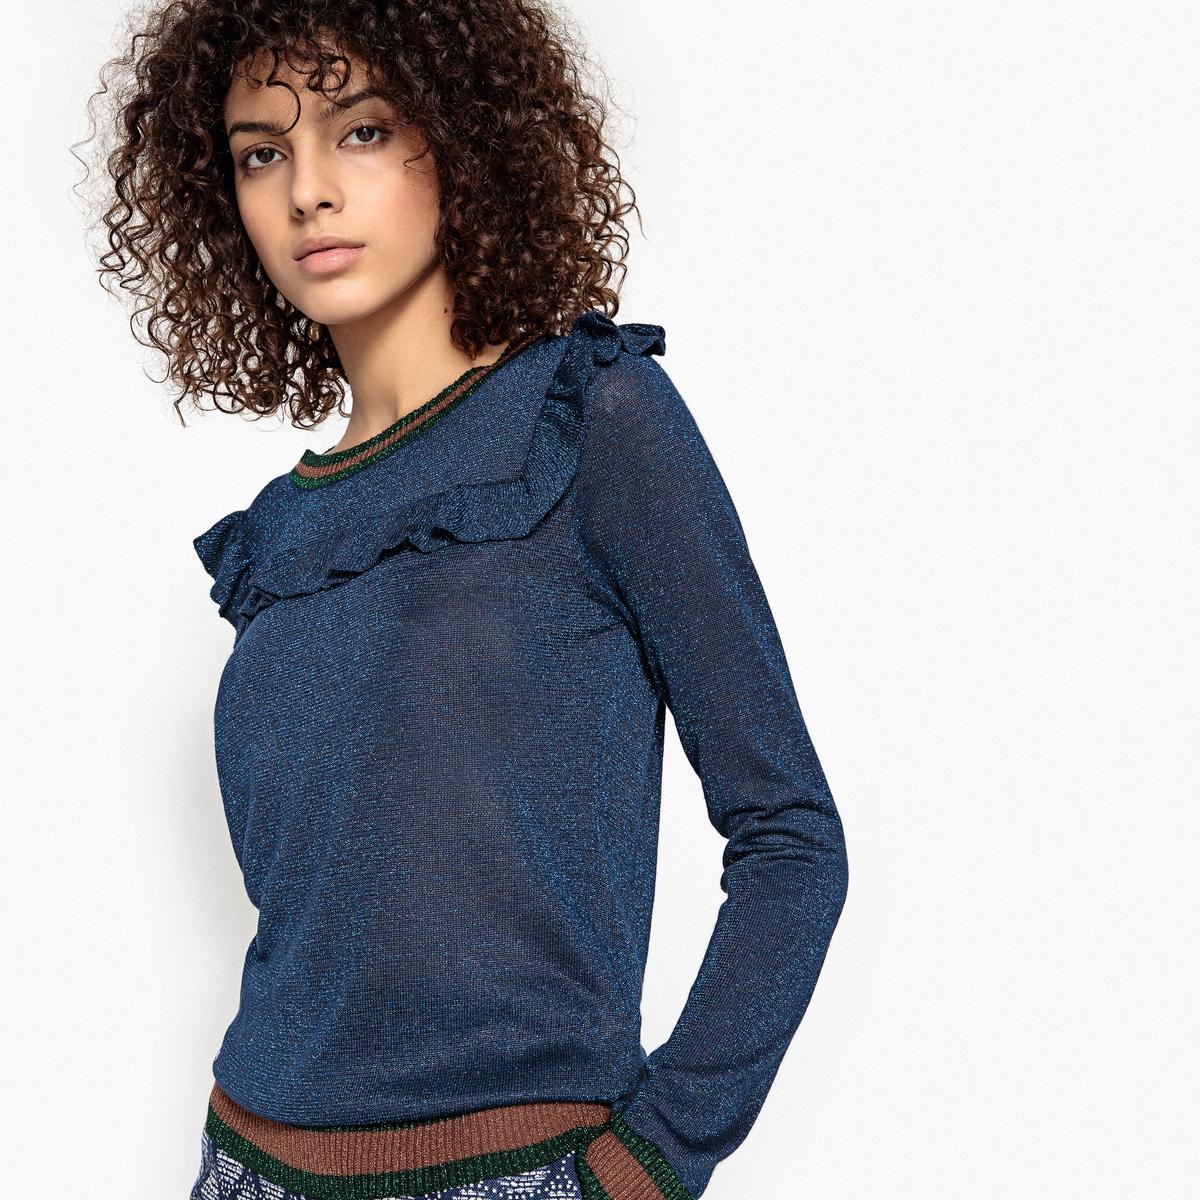 Пуловер блестящий с воланами PASCALДетали •  Длинные рукава •  Круглый вырез •  Тонкий трикотажСостав и уход •  98% вискозы, 2% металлизированных волокон •  Следуйте рекомендациям по уходу, указанным на этикетке изделия<br><br>Цвет: темно-синий<br>Размер: M